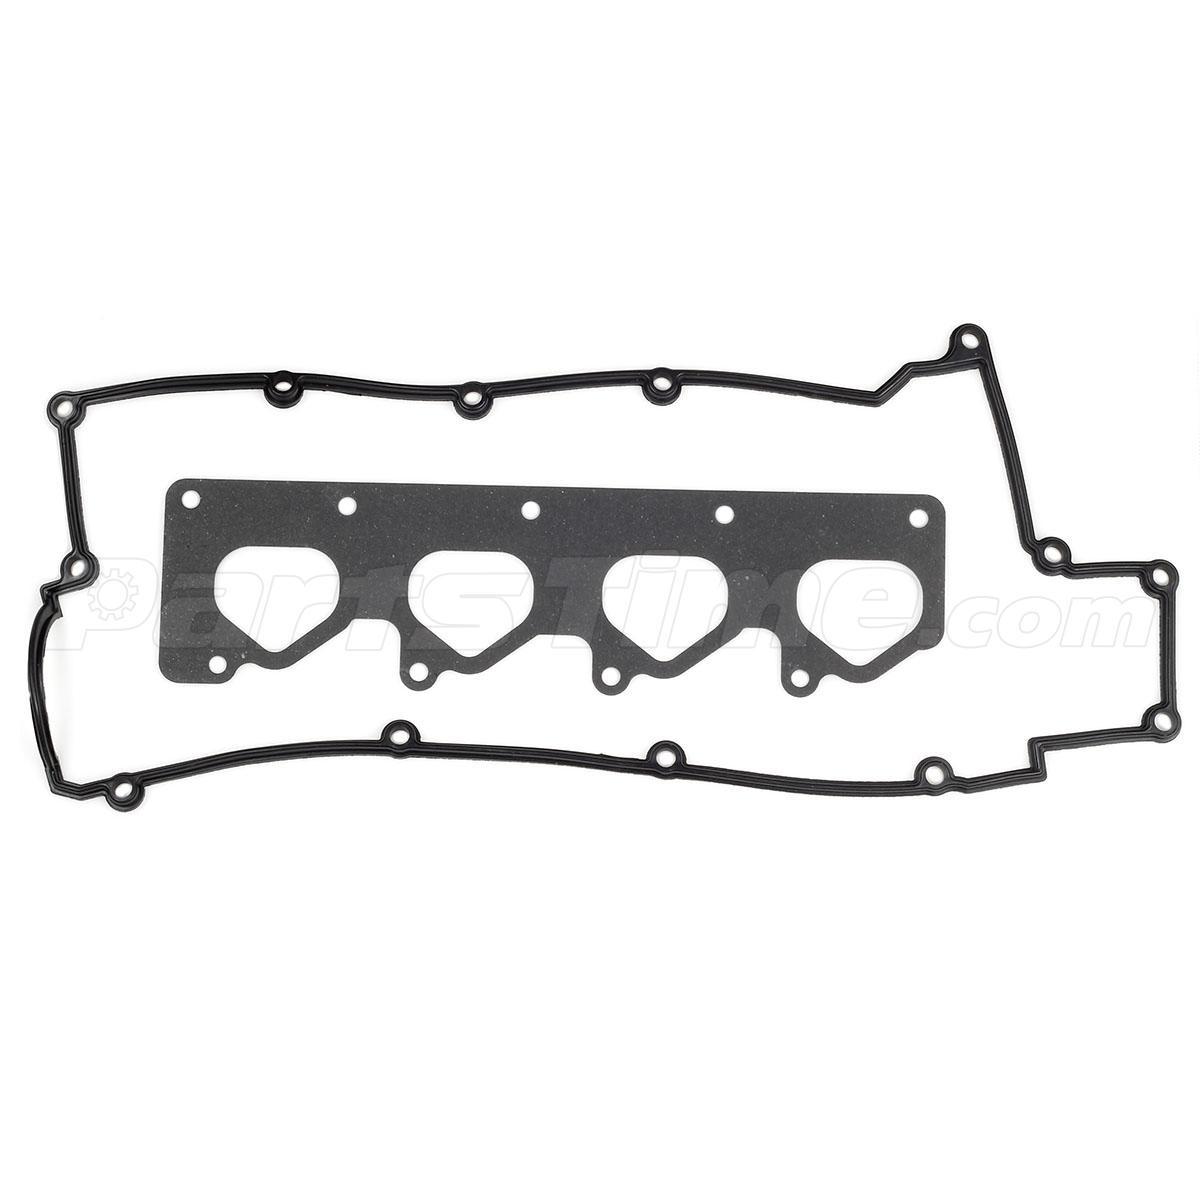 For Hyundai Kia 2 0l Elantra Tucson Sportage Head Gasket